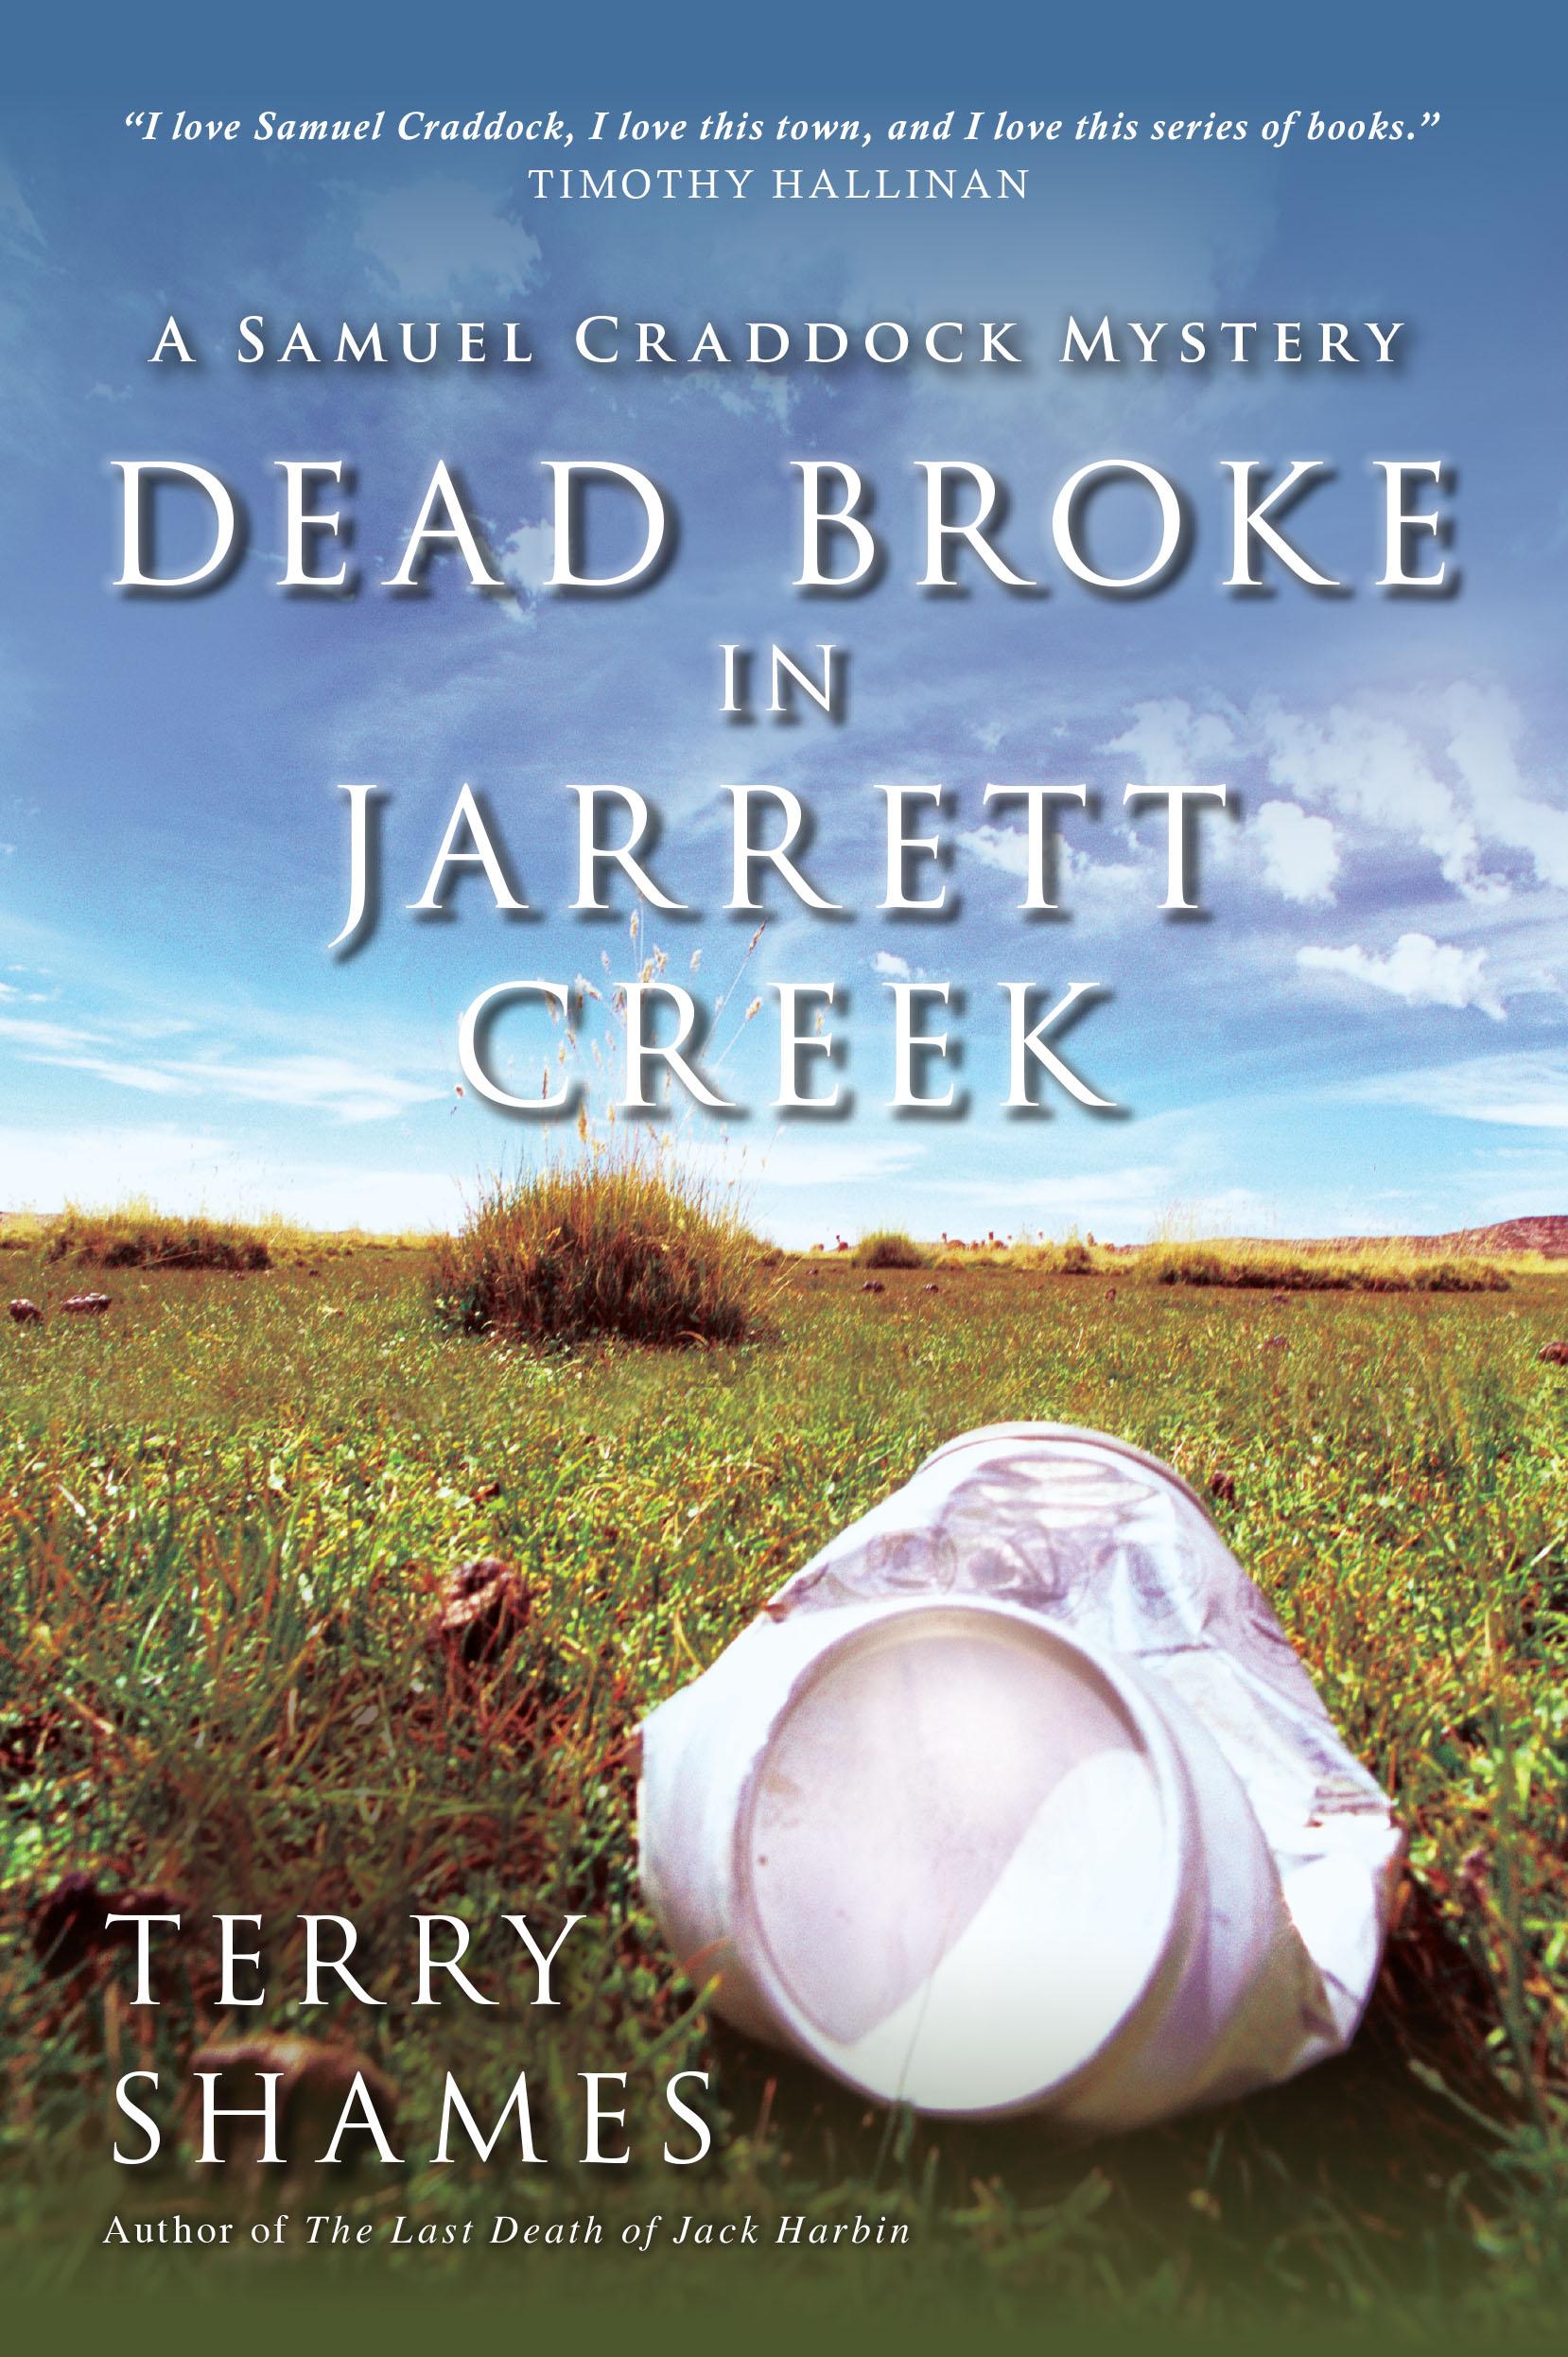 Dead Broke_cover (1).jpg